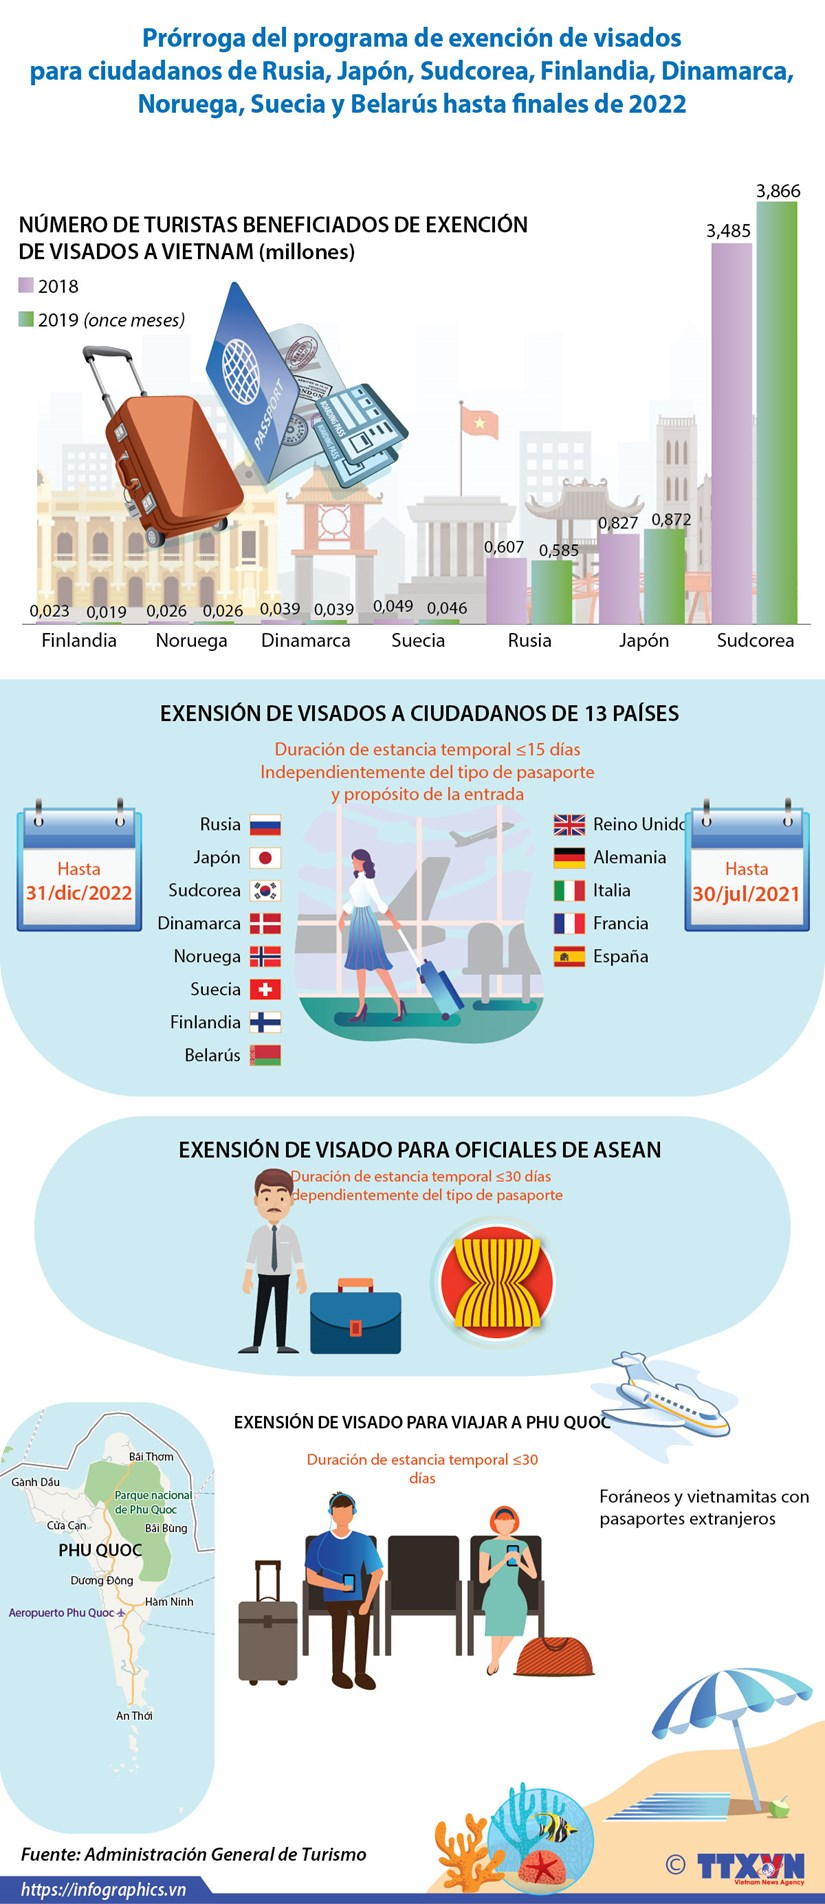 [Info] Prorroga del programa de exencion de visados para ciudadanos de ocho paises hinh anh 1